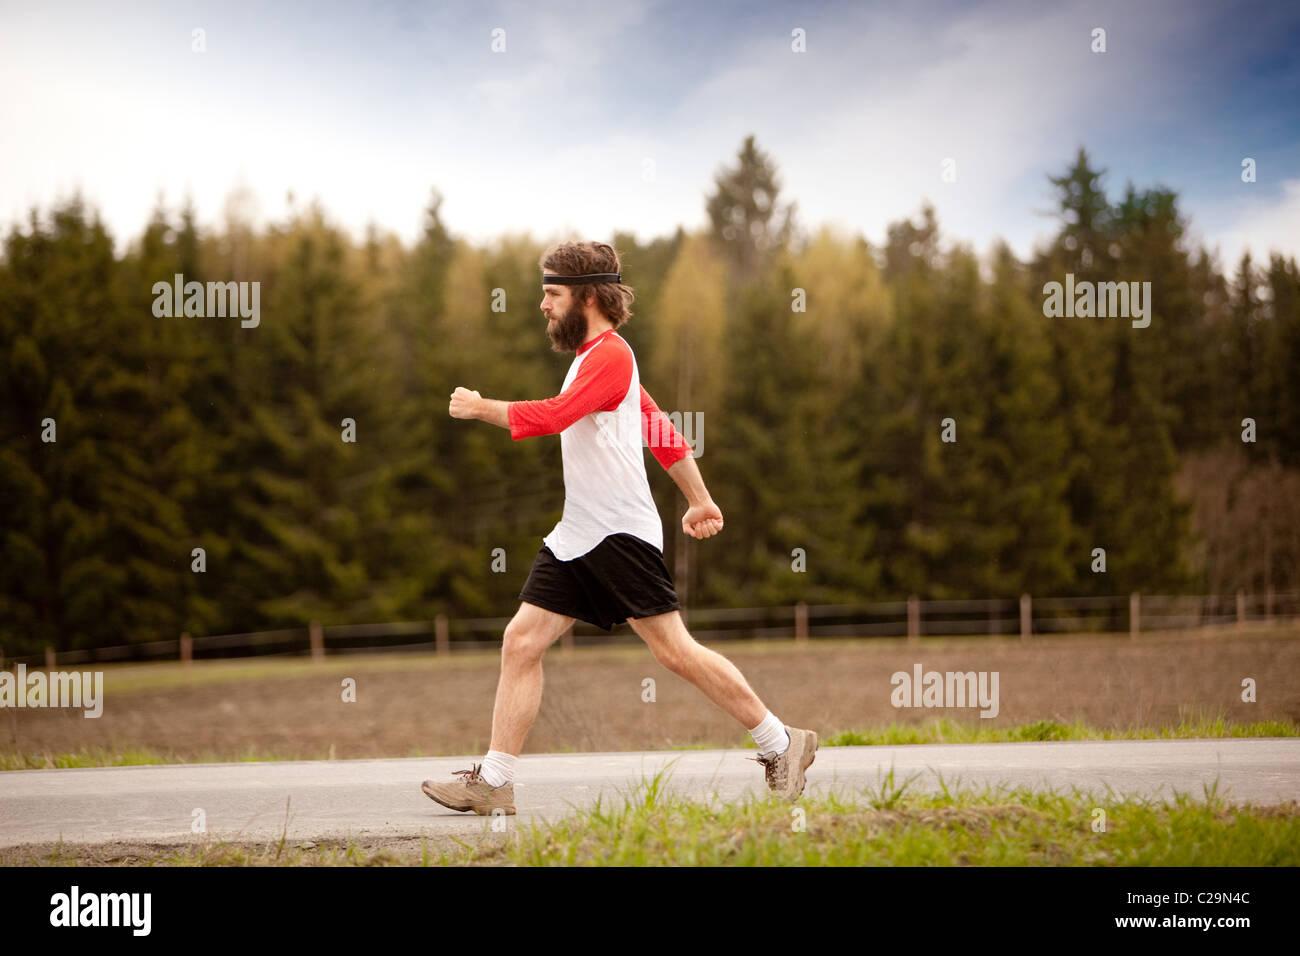 Entfernungsmesser für jogger neuer schrittzähler activity tracker